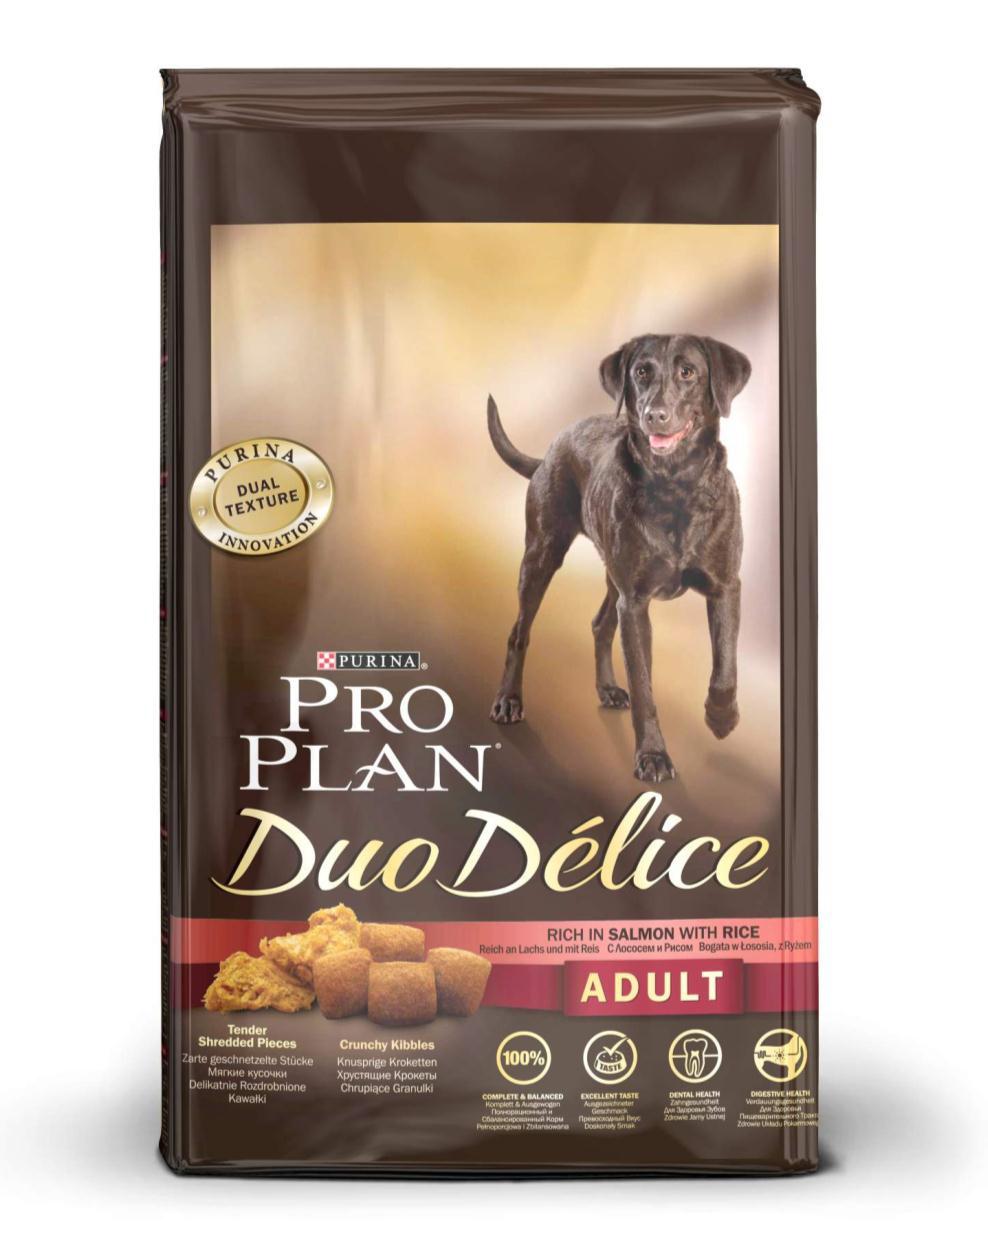 Корм сухой для собак Pro Plan Duo Delice, с лососем и рисом, 10 кг12202615Сухой корм Pro Plan Duo Delice - это полнорационный корм для взрослых собак, с лососем и рисом. Корм обеспечивает правильный баланс питательных веществ для поддержания здоровья и хорошего самочувствия взрослых собак. Тщательно отобранные ингредиенты и специально разработанный процесс приготовления обеспечивают высокую усвояемость корма, благодаря чему собаки получают необходимые им питательные вещества. Собаки обожают инновационное сочетание хрустящих крокет и мягких кусочков, в которых основным ингредиентом является лосось. Уникальное сочетание хрустящих крокет и мягких кусочков побуждает собаку с удовольствием пережевывать корм. Механическое воздействие хрустящих крокет на зубы вашей собаки, действует как зубная щетка, тем самым способствует уменьшению отложения зубного камня. Содержащаяся в корме клетчатка помогает поддерживать здоровье пищеварительного тракта, помогает улучшить качество стула, а белок из специально выбранных ингредиентов легко усваивается организмом собаки. Состав: лосось (15%), пшеница, кукуруза, сухой белок птицы, животный жир, пшеничный глютен, сухая мякоть свеклы, кукурузная крупа, рис (4%), минеральные вещества, вкусоароматическая кормовая добавка, пропиленгликоль, яичный порошок, рыбий жир, солодовая мука. Добавленные вещества (на 1 кг): витамин А 28200 МЕ; витамин D3 920 МЕ; витамин Е 610 МЕ; витамин С 220 мг; моногидрат сульфата железа 220 мг; йодат кальция 2,9 мг; сульфат медь 45 мг; моногидрат сульфата марганца 90 мг; моногидрат сульфата цинка 380 мг; селенит натрия 0,27 мг. Технологические добавки: экстракт токоферолов натурального происхождения 40 мг/кг. Гарантируемые показатели: белок 25%, жир 16%, сырая зола 8%, сырая клетчатка 2%, омега-3 жирные кислоты 0,5%, омега-6 жирные кислоты 1,8%. Товар сертифицирован.